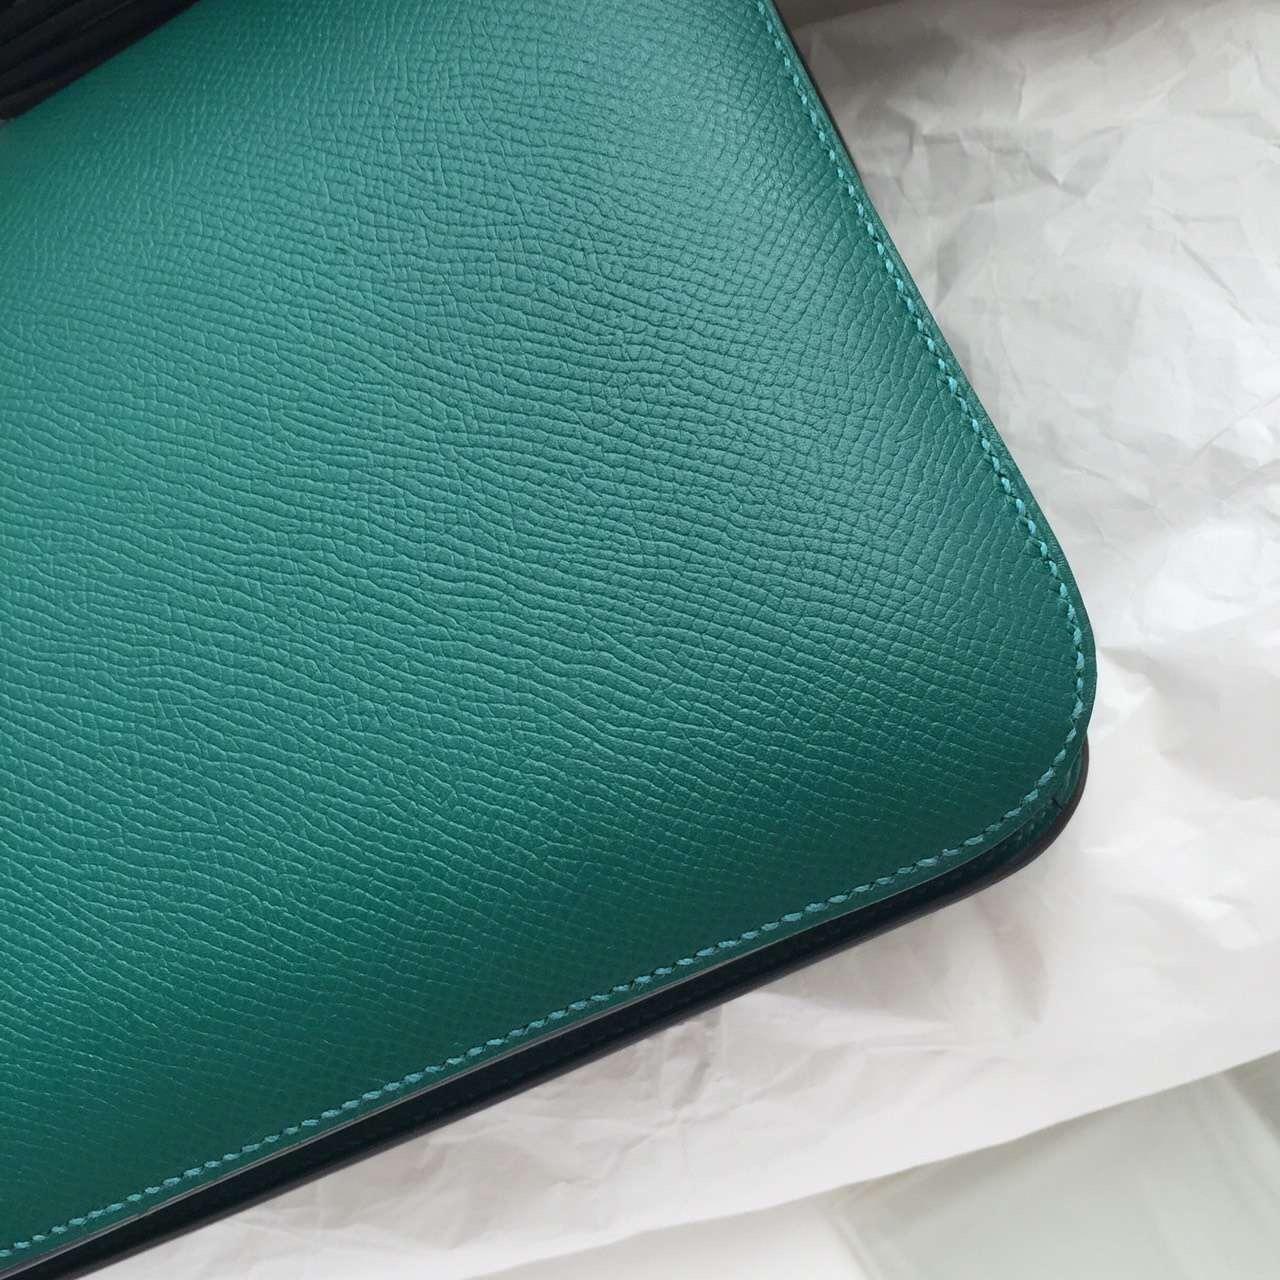 Cheap Z6 Malachite Epsom Leather Hermes Constance Bag Cross-body Bag 26CM